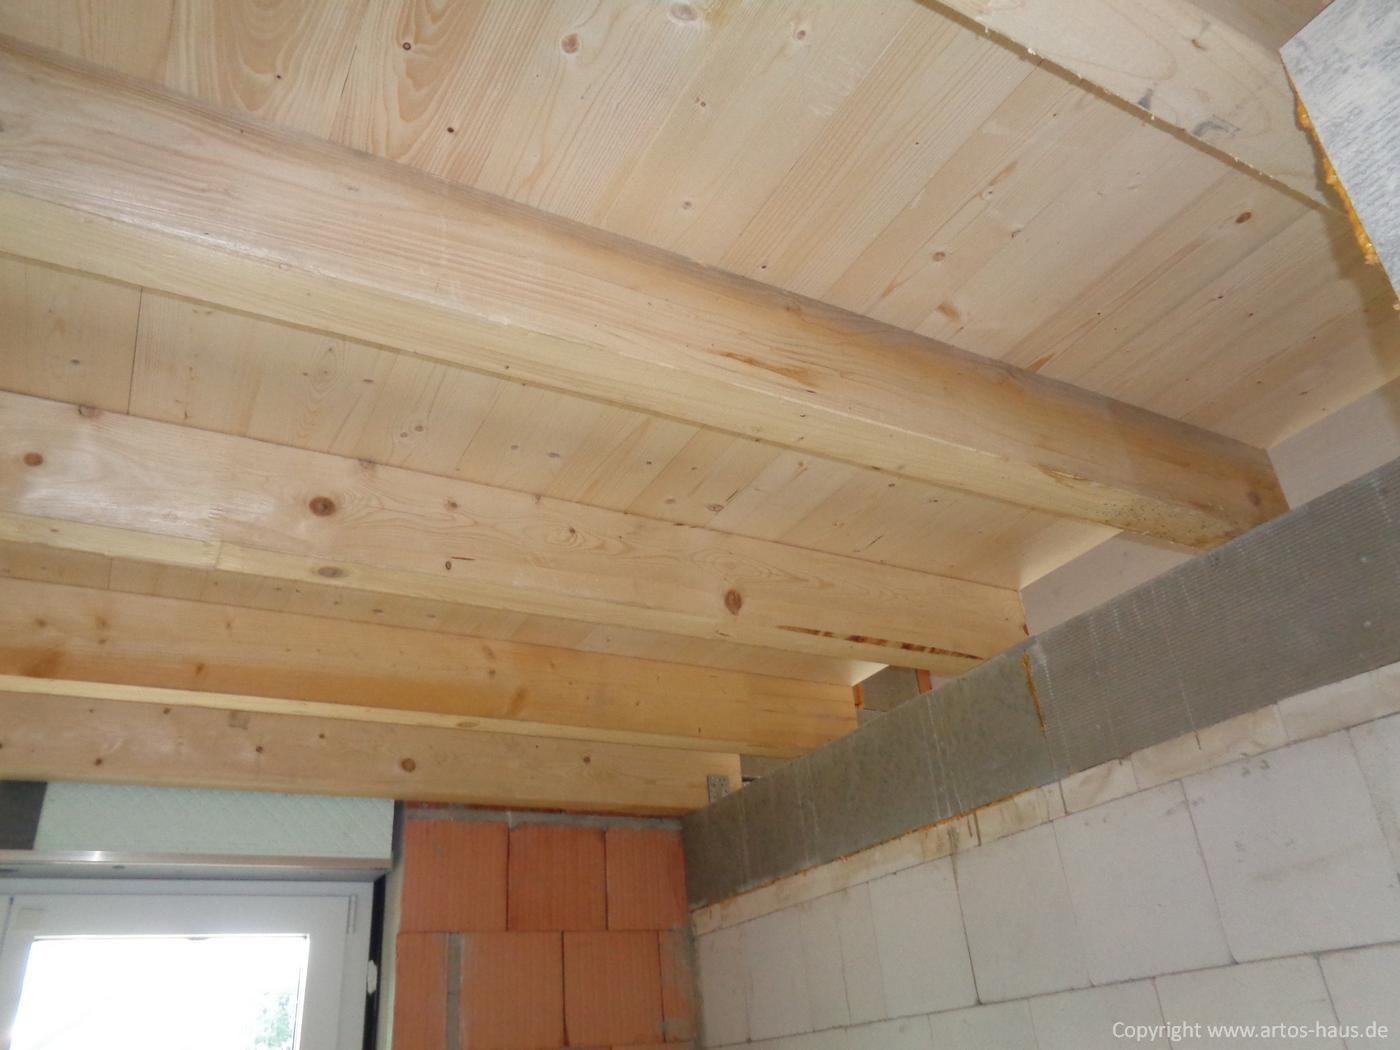 Dacheindeckung Juli 2021 ein ARTOS-HAUS Bauvorhaben Bild 6